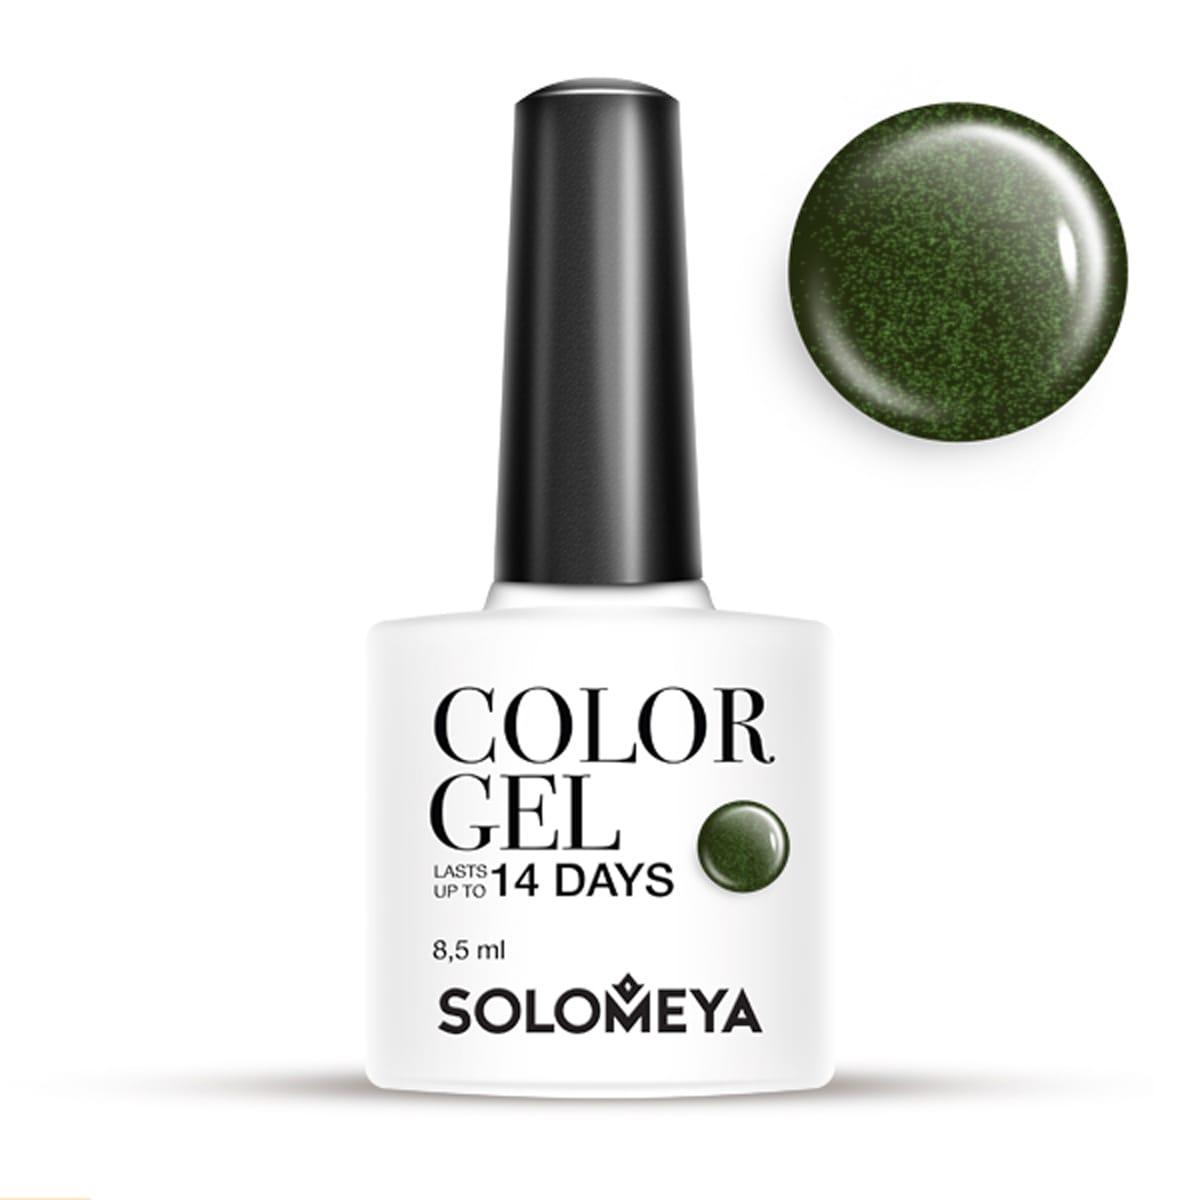 SOLOMEYA Гель-лак для ногтей SCG077 Персей / Color Gel Perseus 8,5мл гель лак для ногтей solomeya color gel beret scg034 берет 8 5 мл